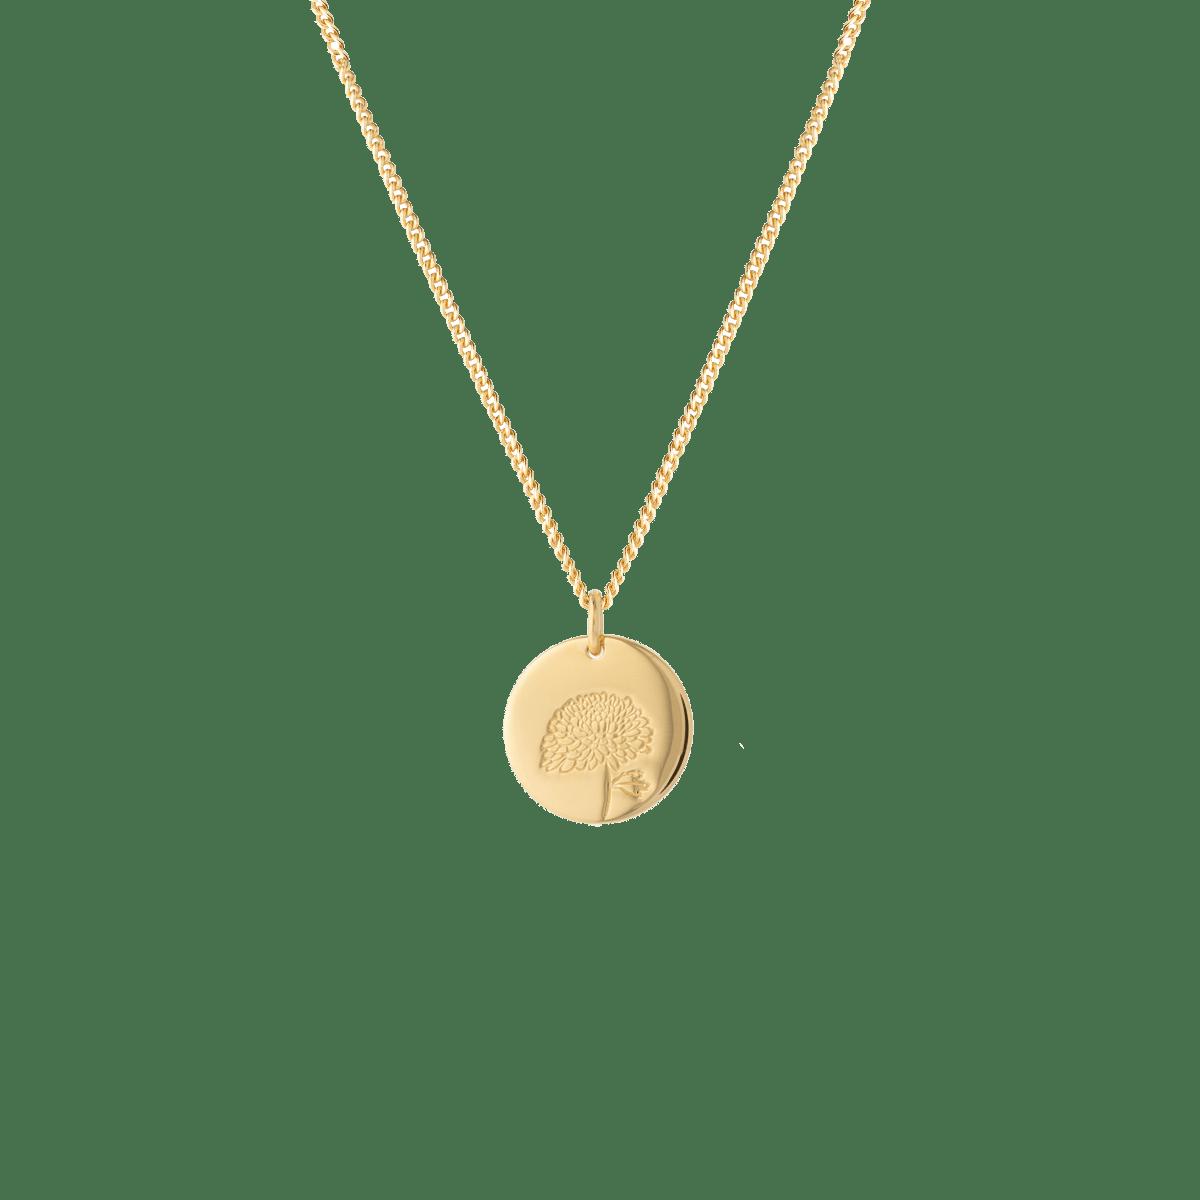 birthflower necklace gold chrysanthemum